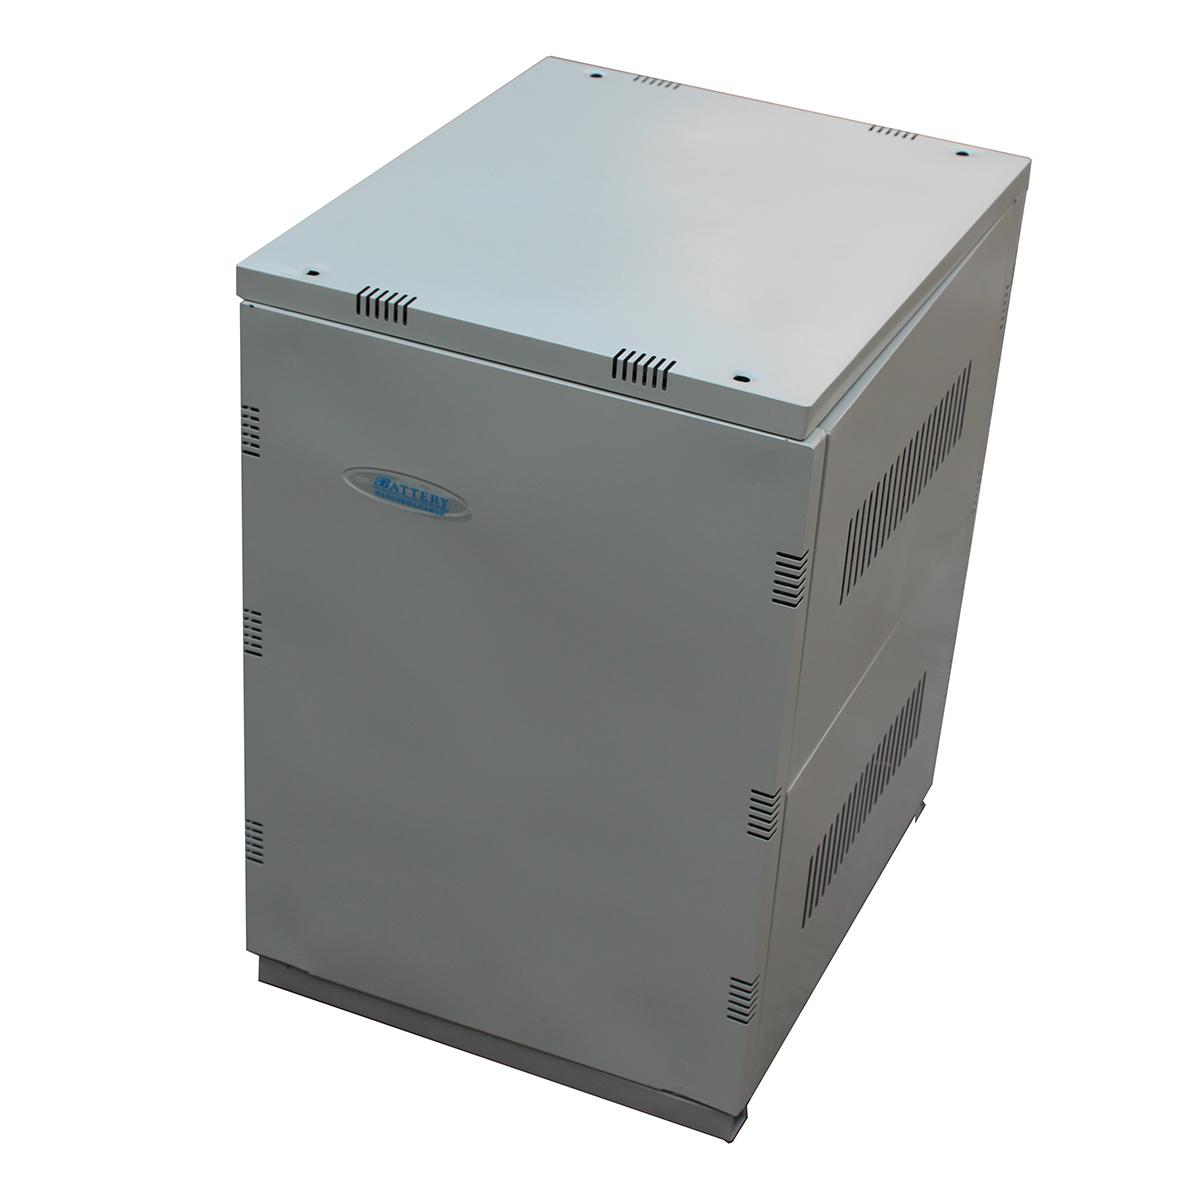 UPS电源电池柜箱 A6可以装6只100H 65AH 12只38AH 16只24AH